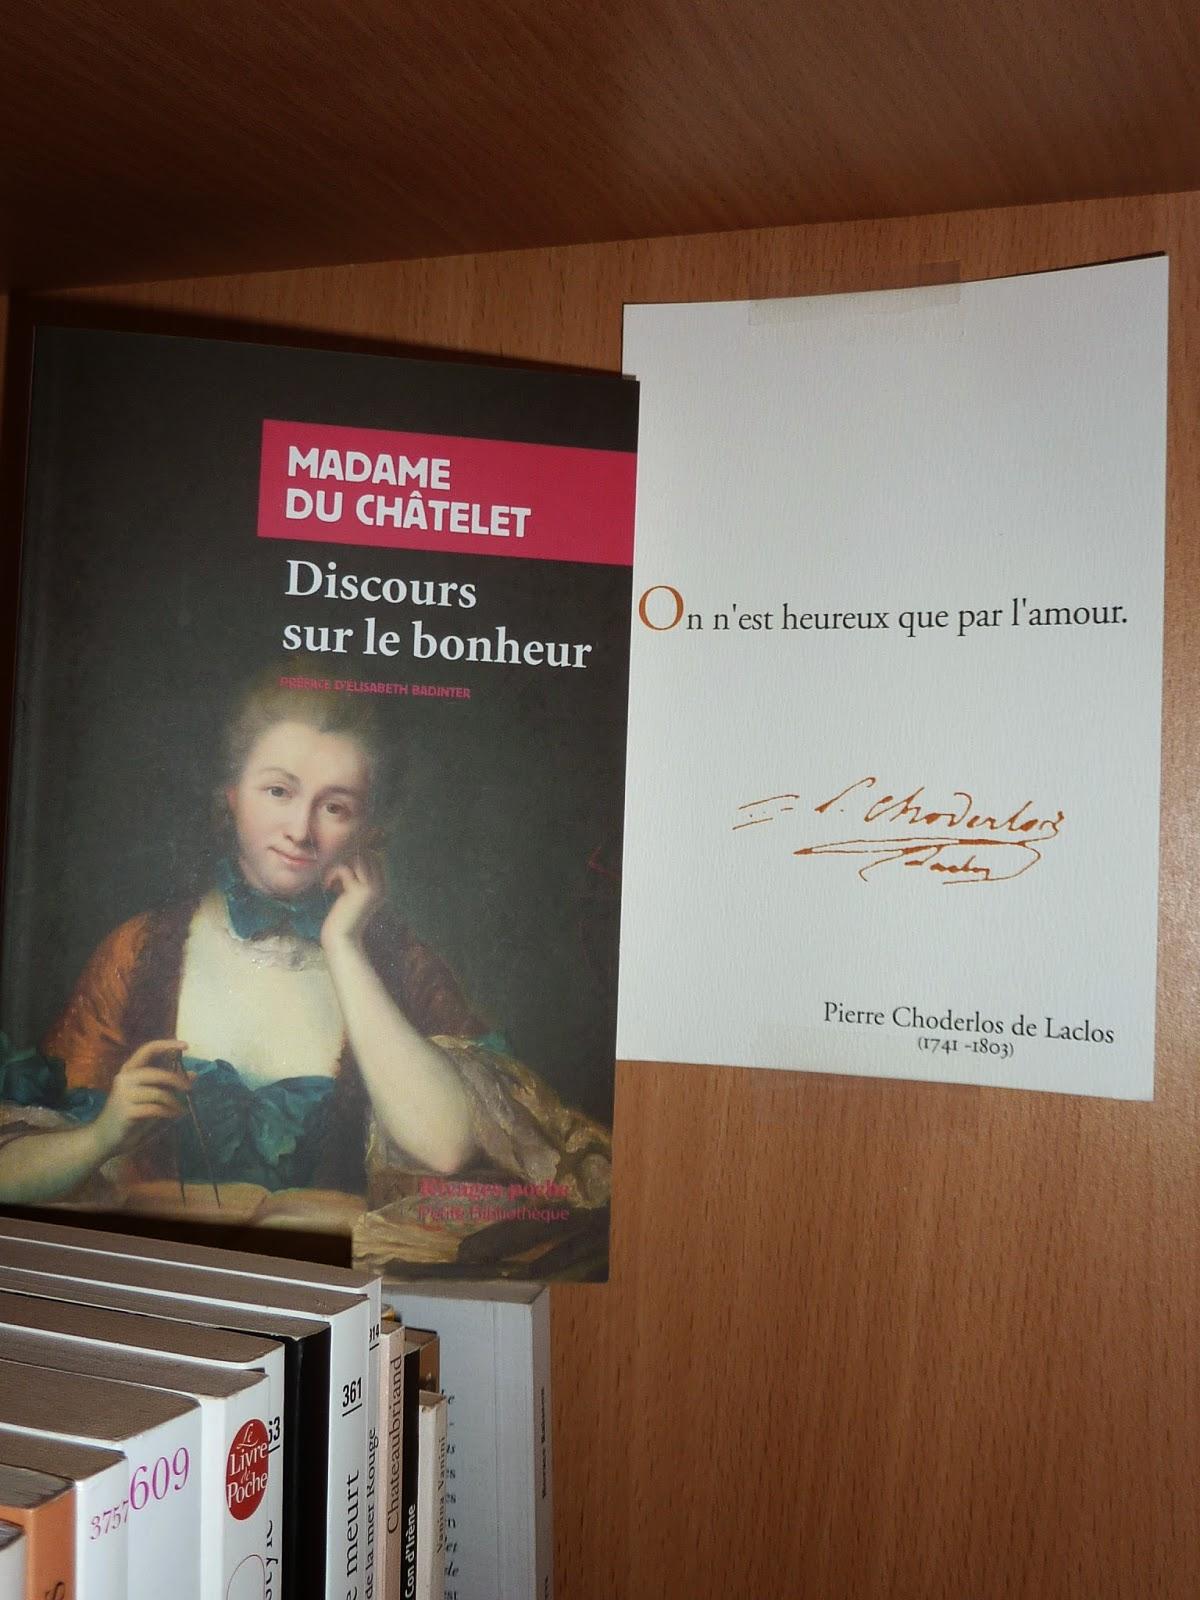 Mon salon litt raire discours sur le bonheur madame du for Salon de the chatelet